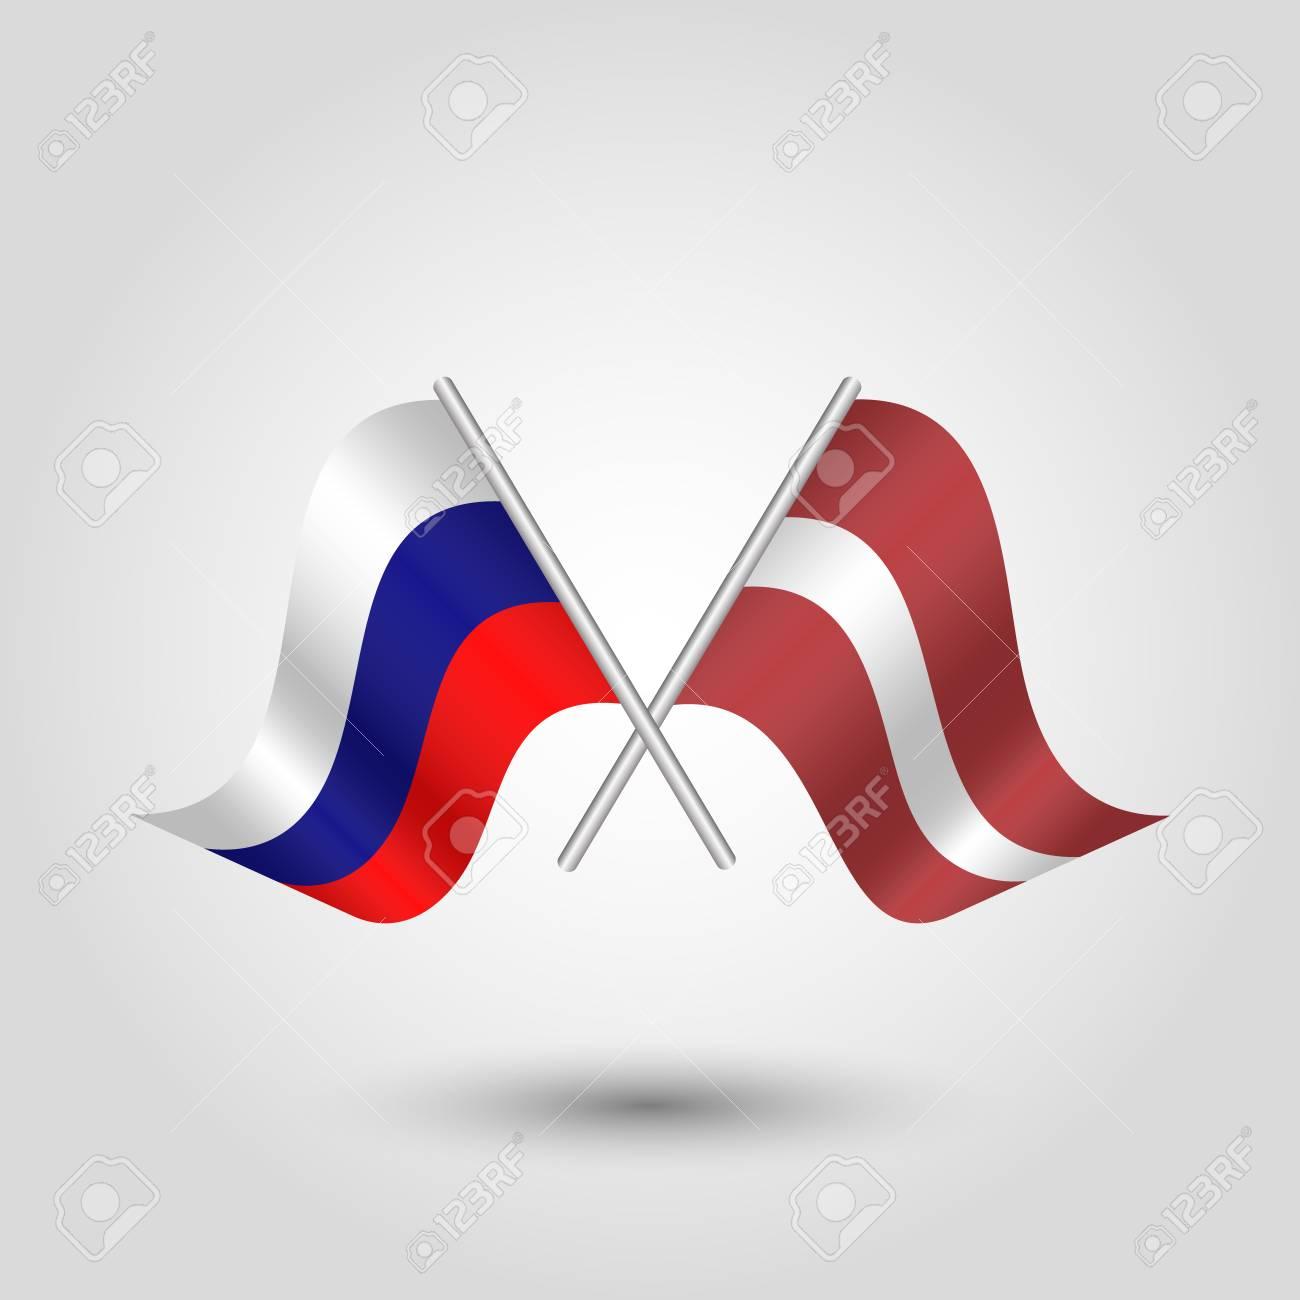 ベクトル 2 つが銀の棒 - ロシア...